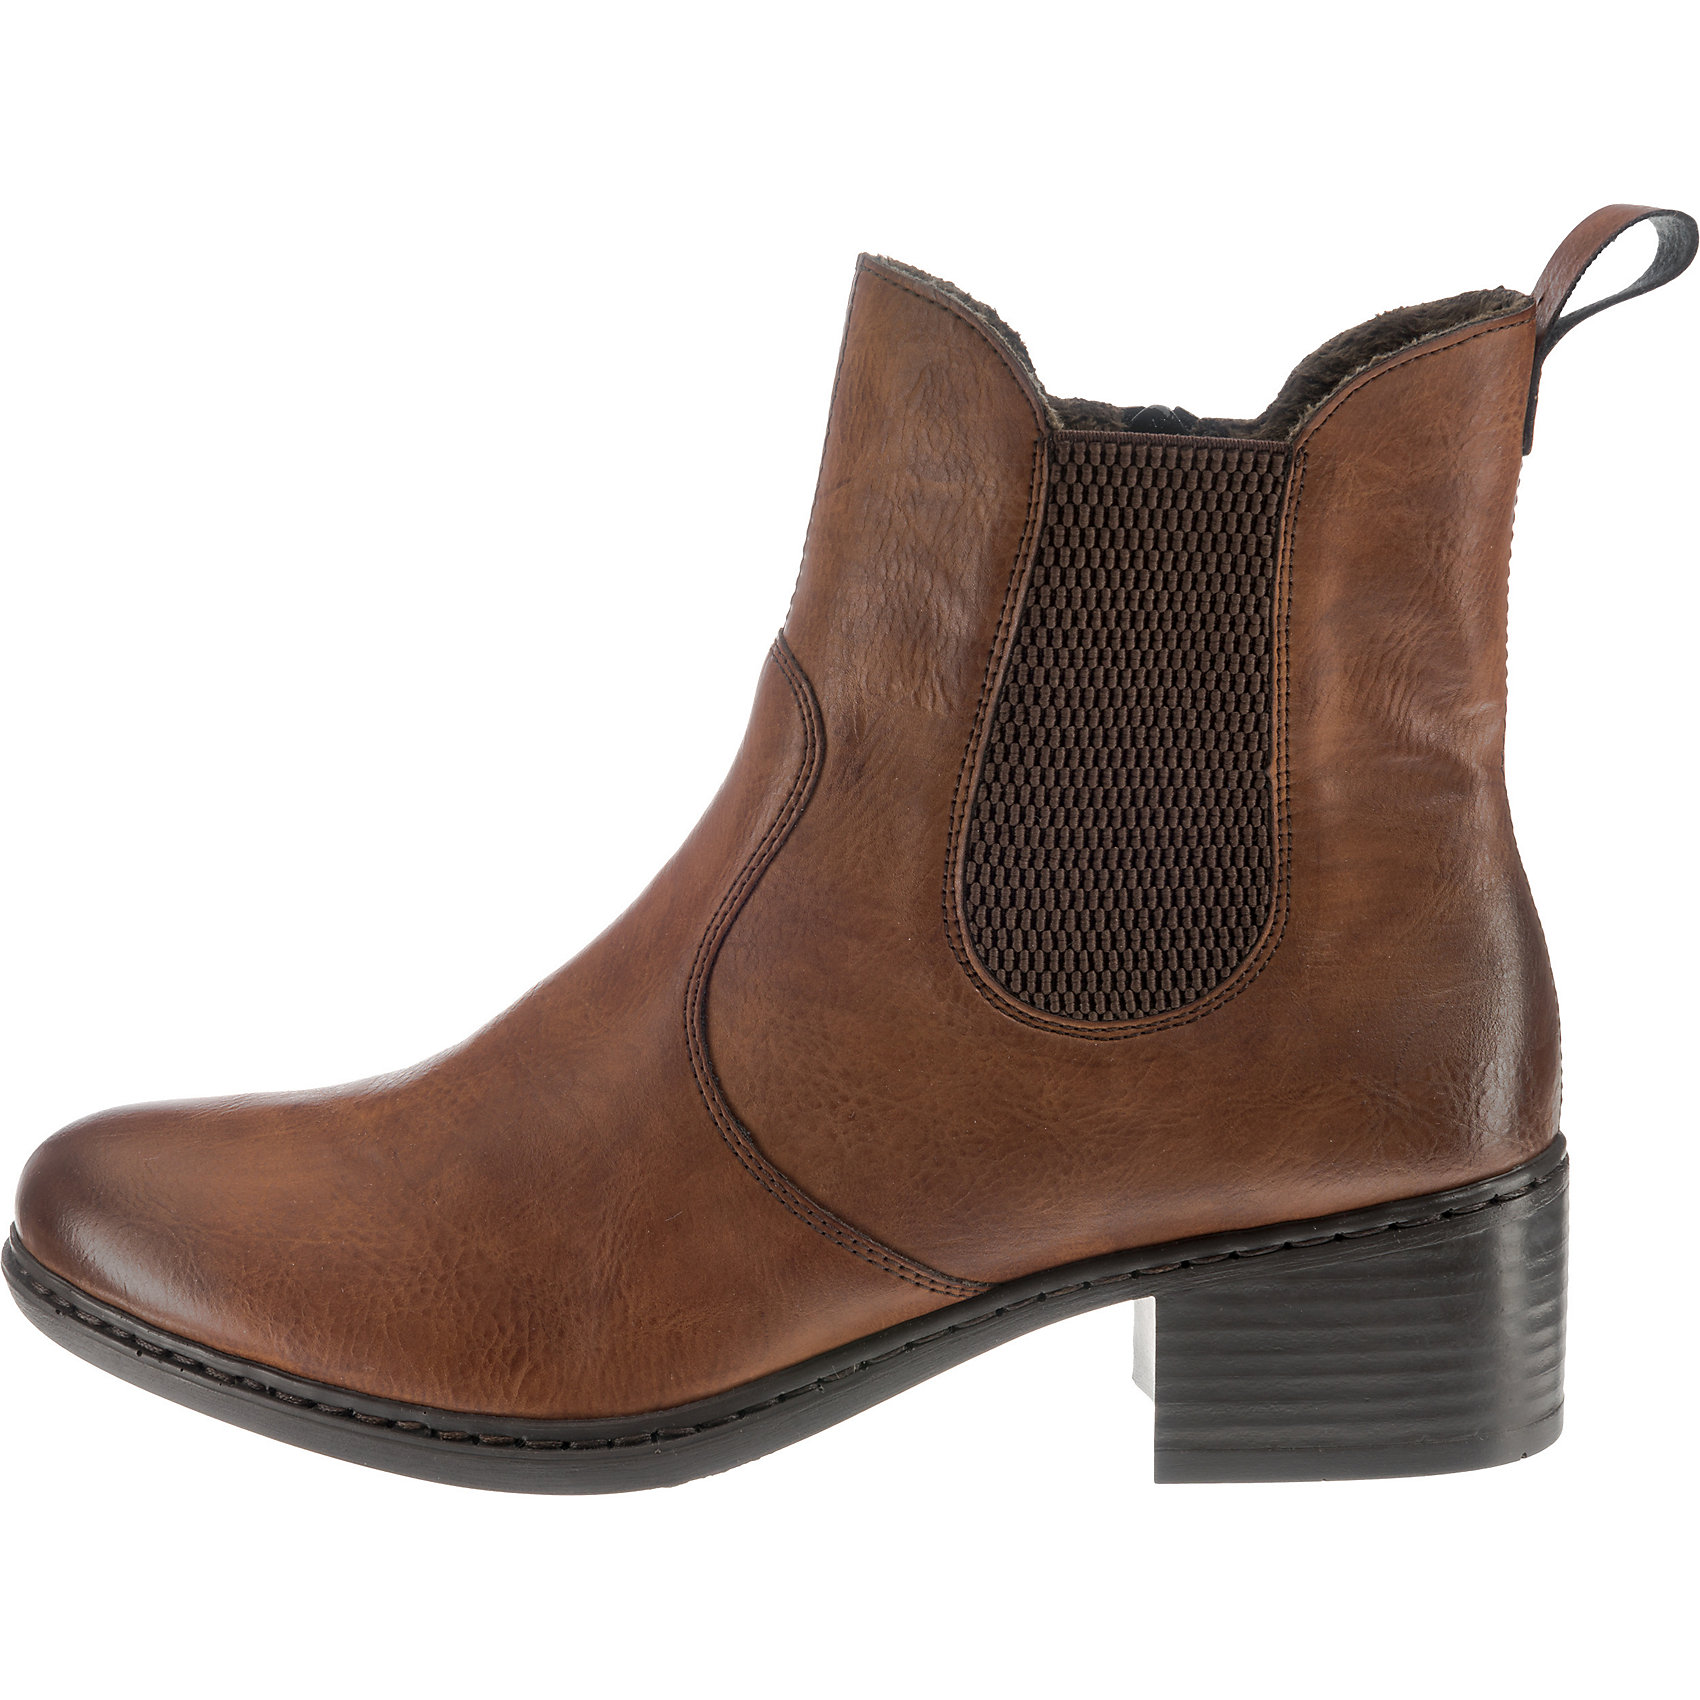 Neu rieker Chelsea Stiefel 8670736 für Damen braun